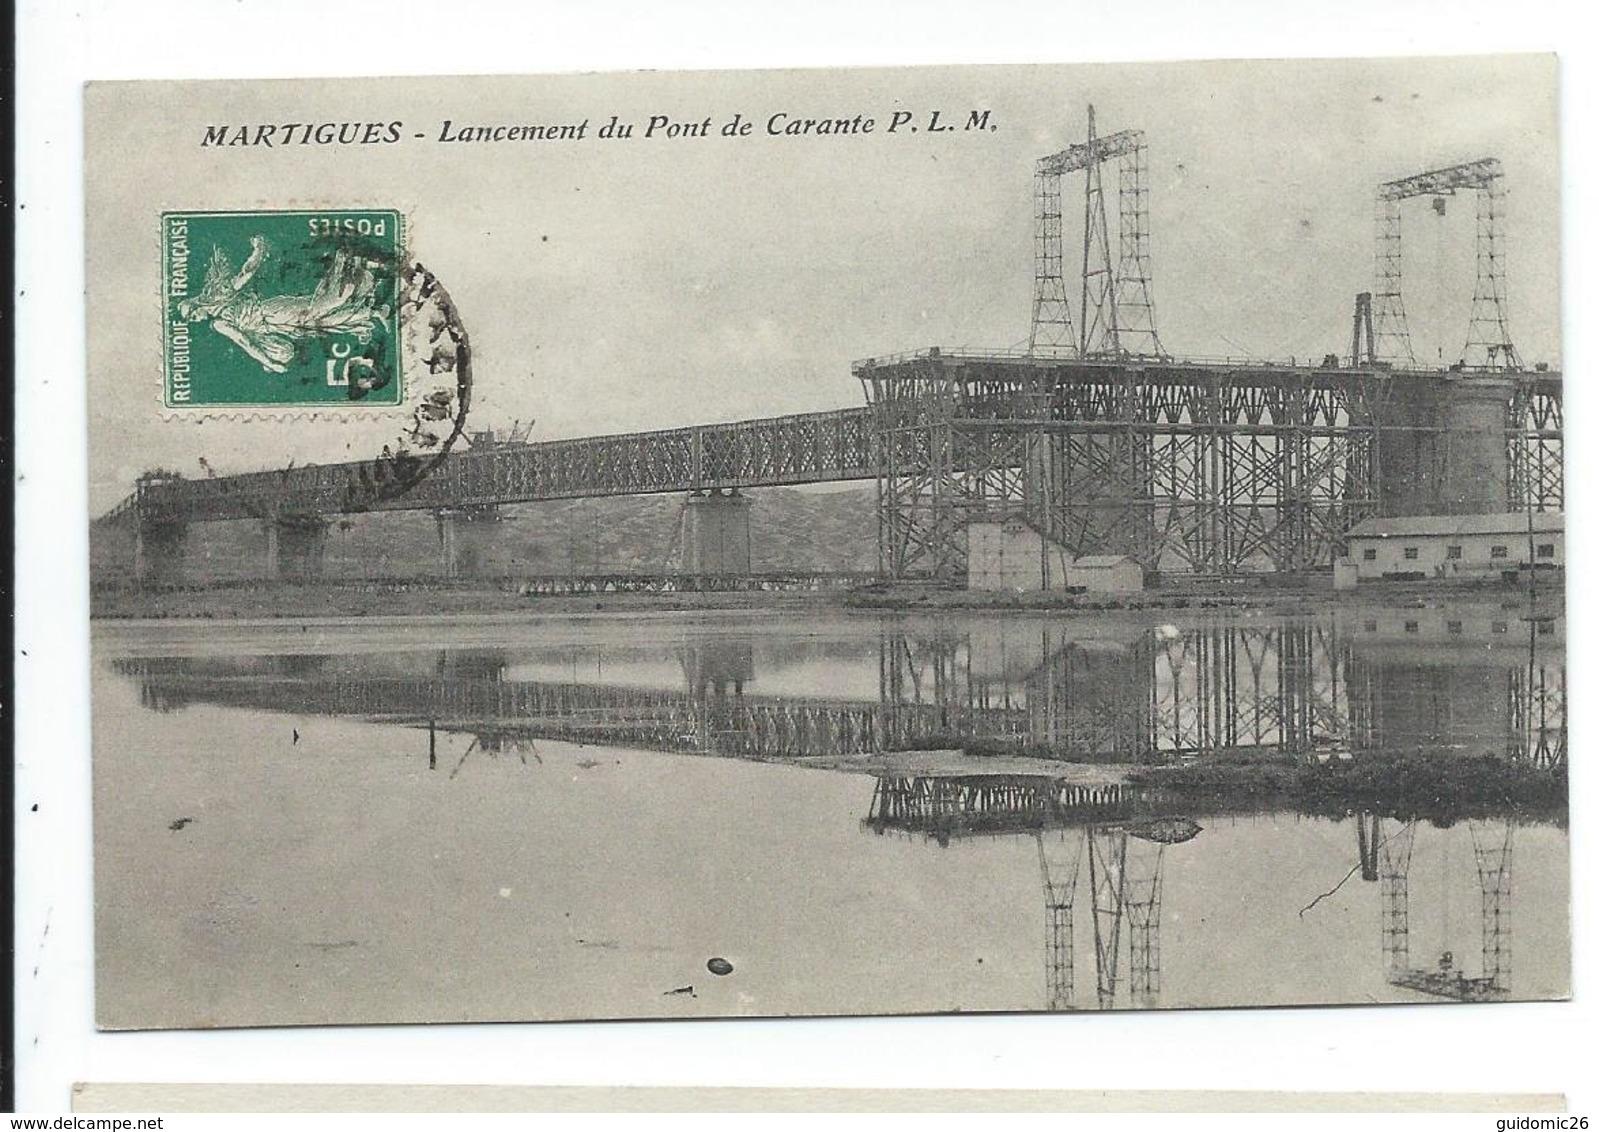 Martigues Lancement Du Pont De Caronte, - Martigues